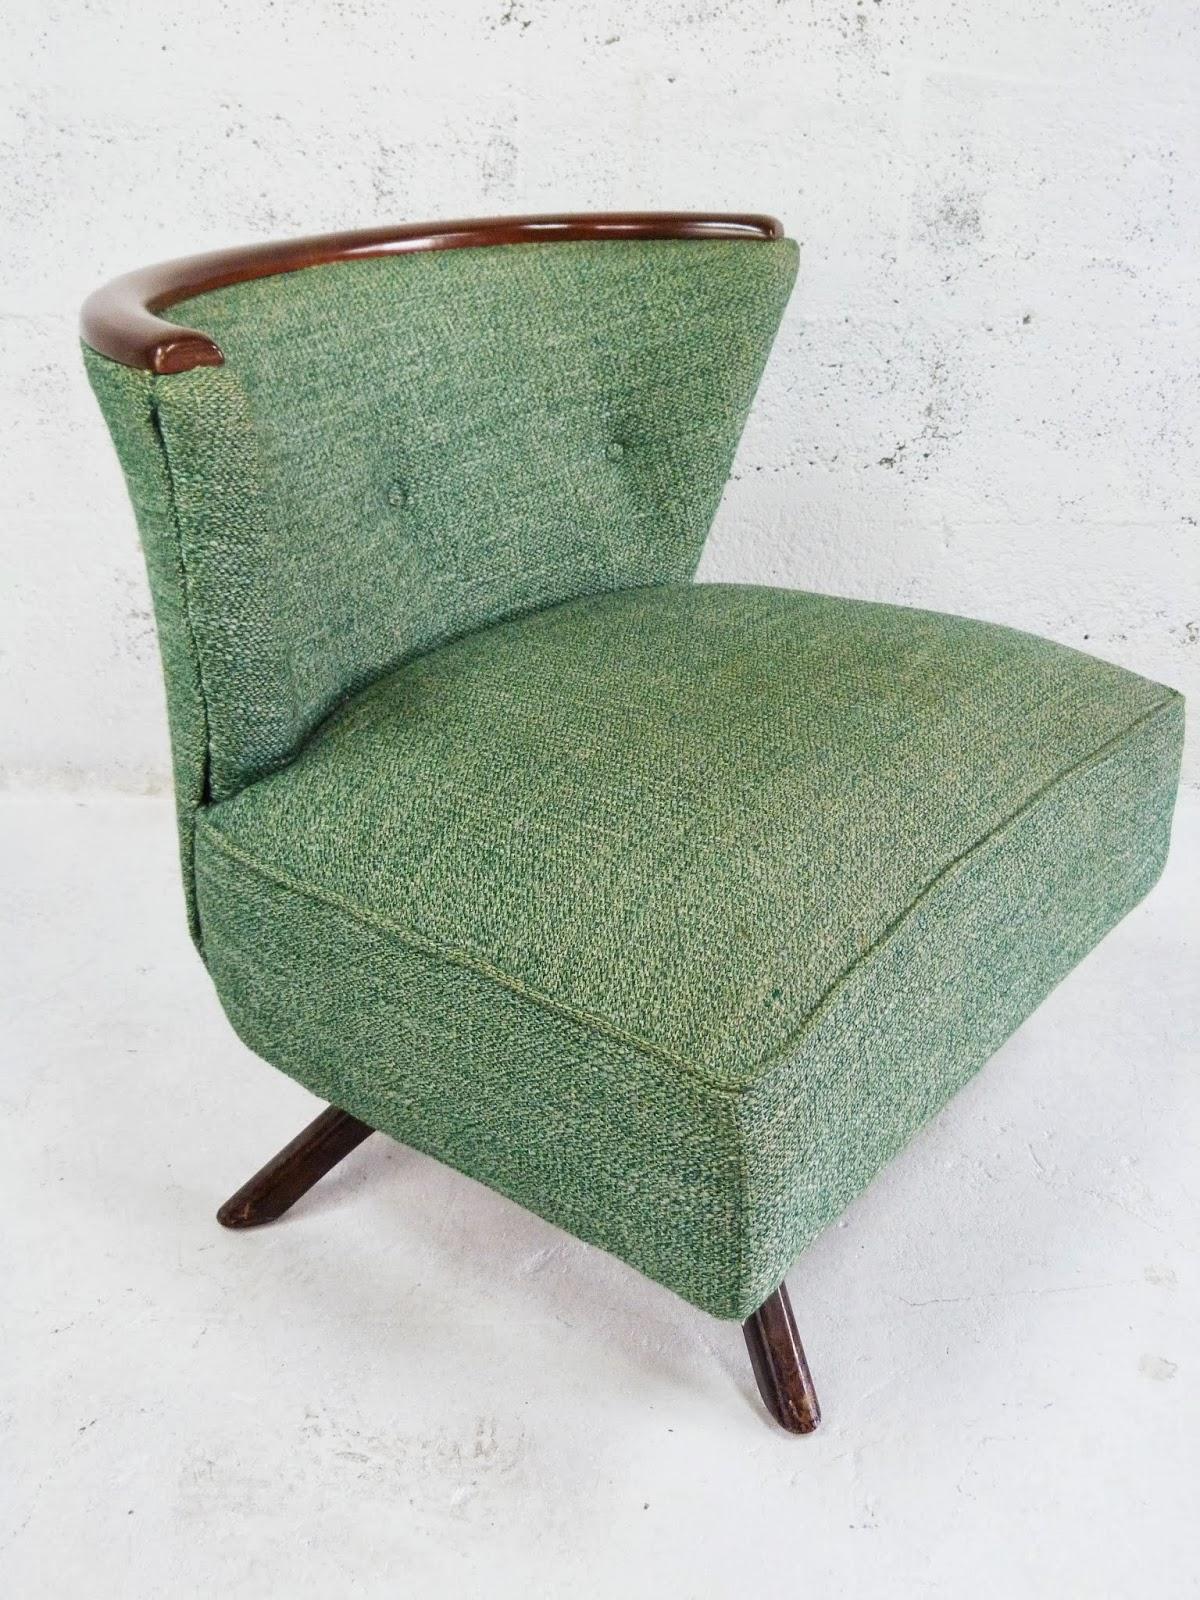 Kroehler Bedroom Furniture Similiar Vintage Kroehler Chair Keywords